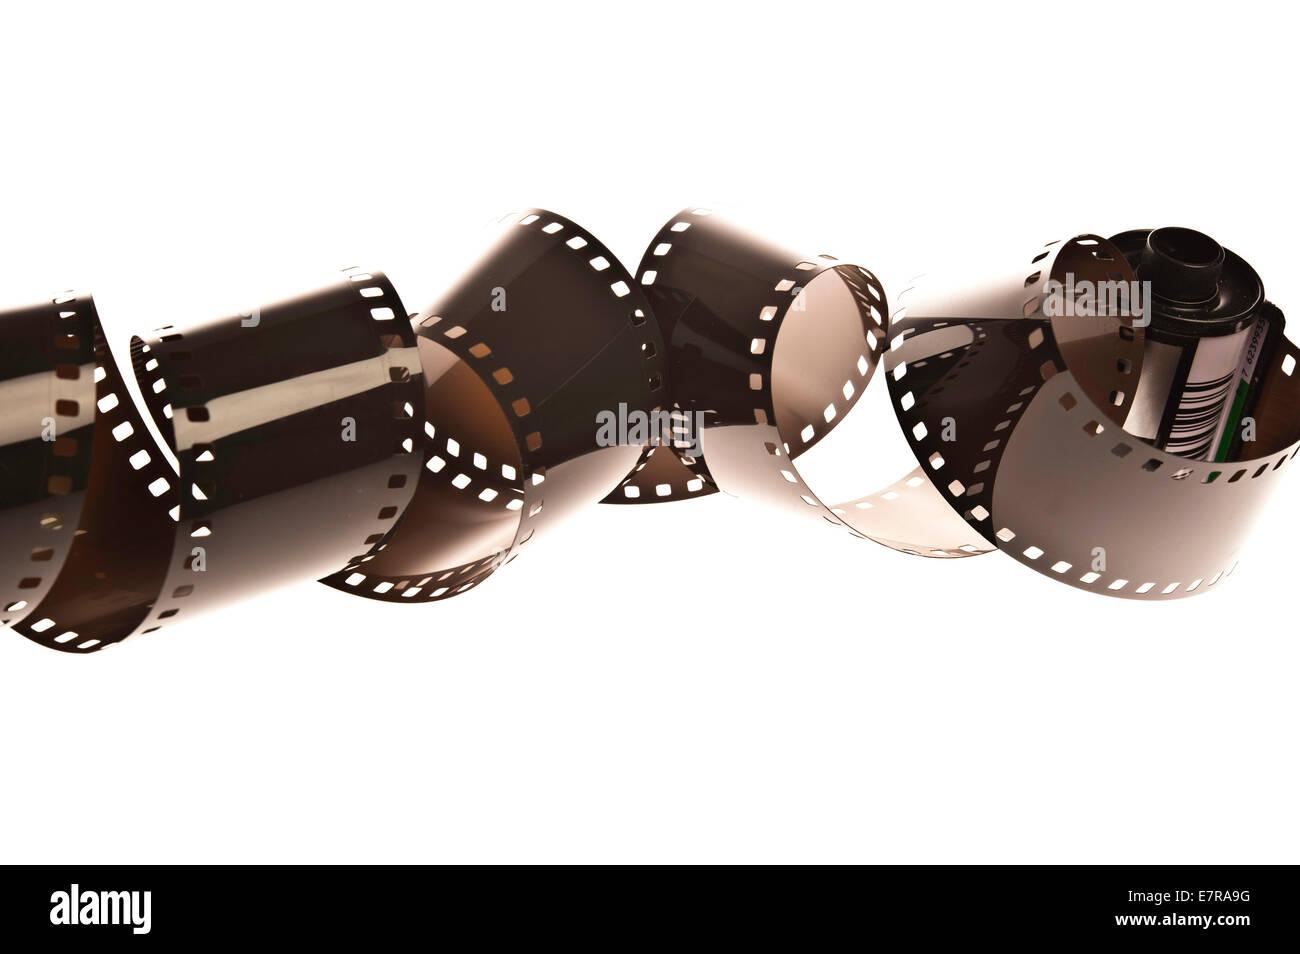 photographic film - Stock Image